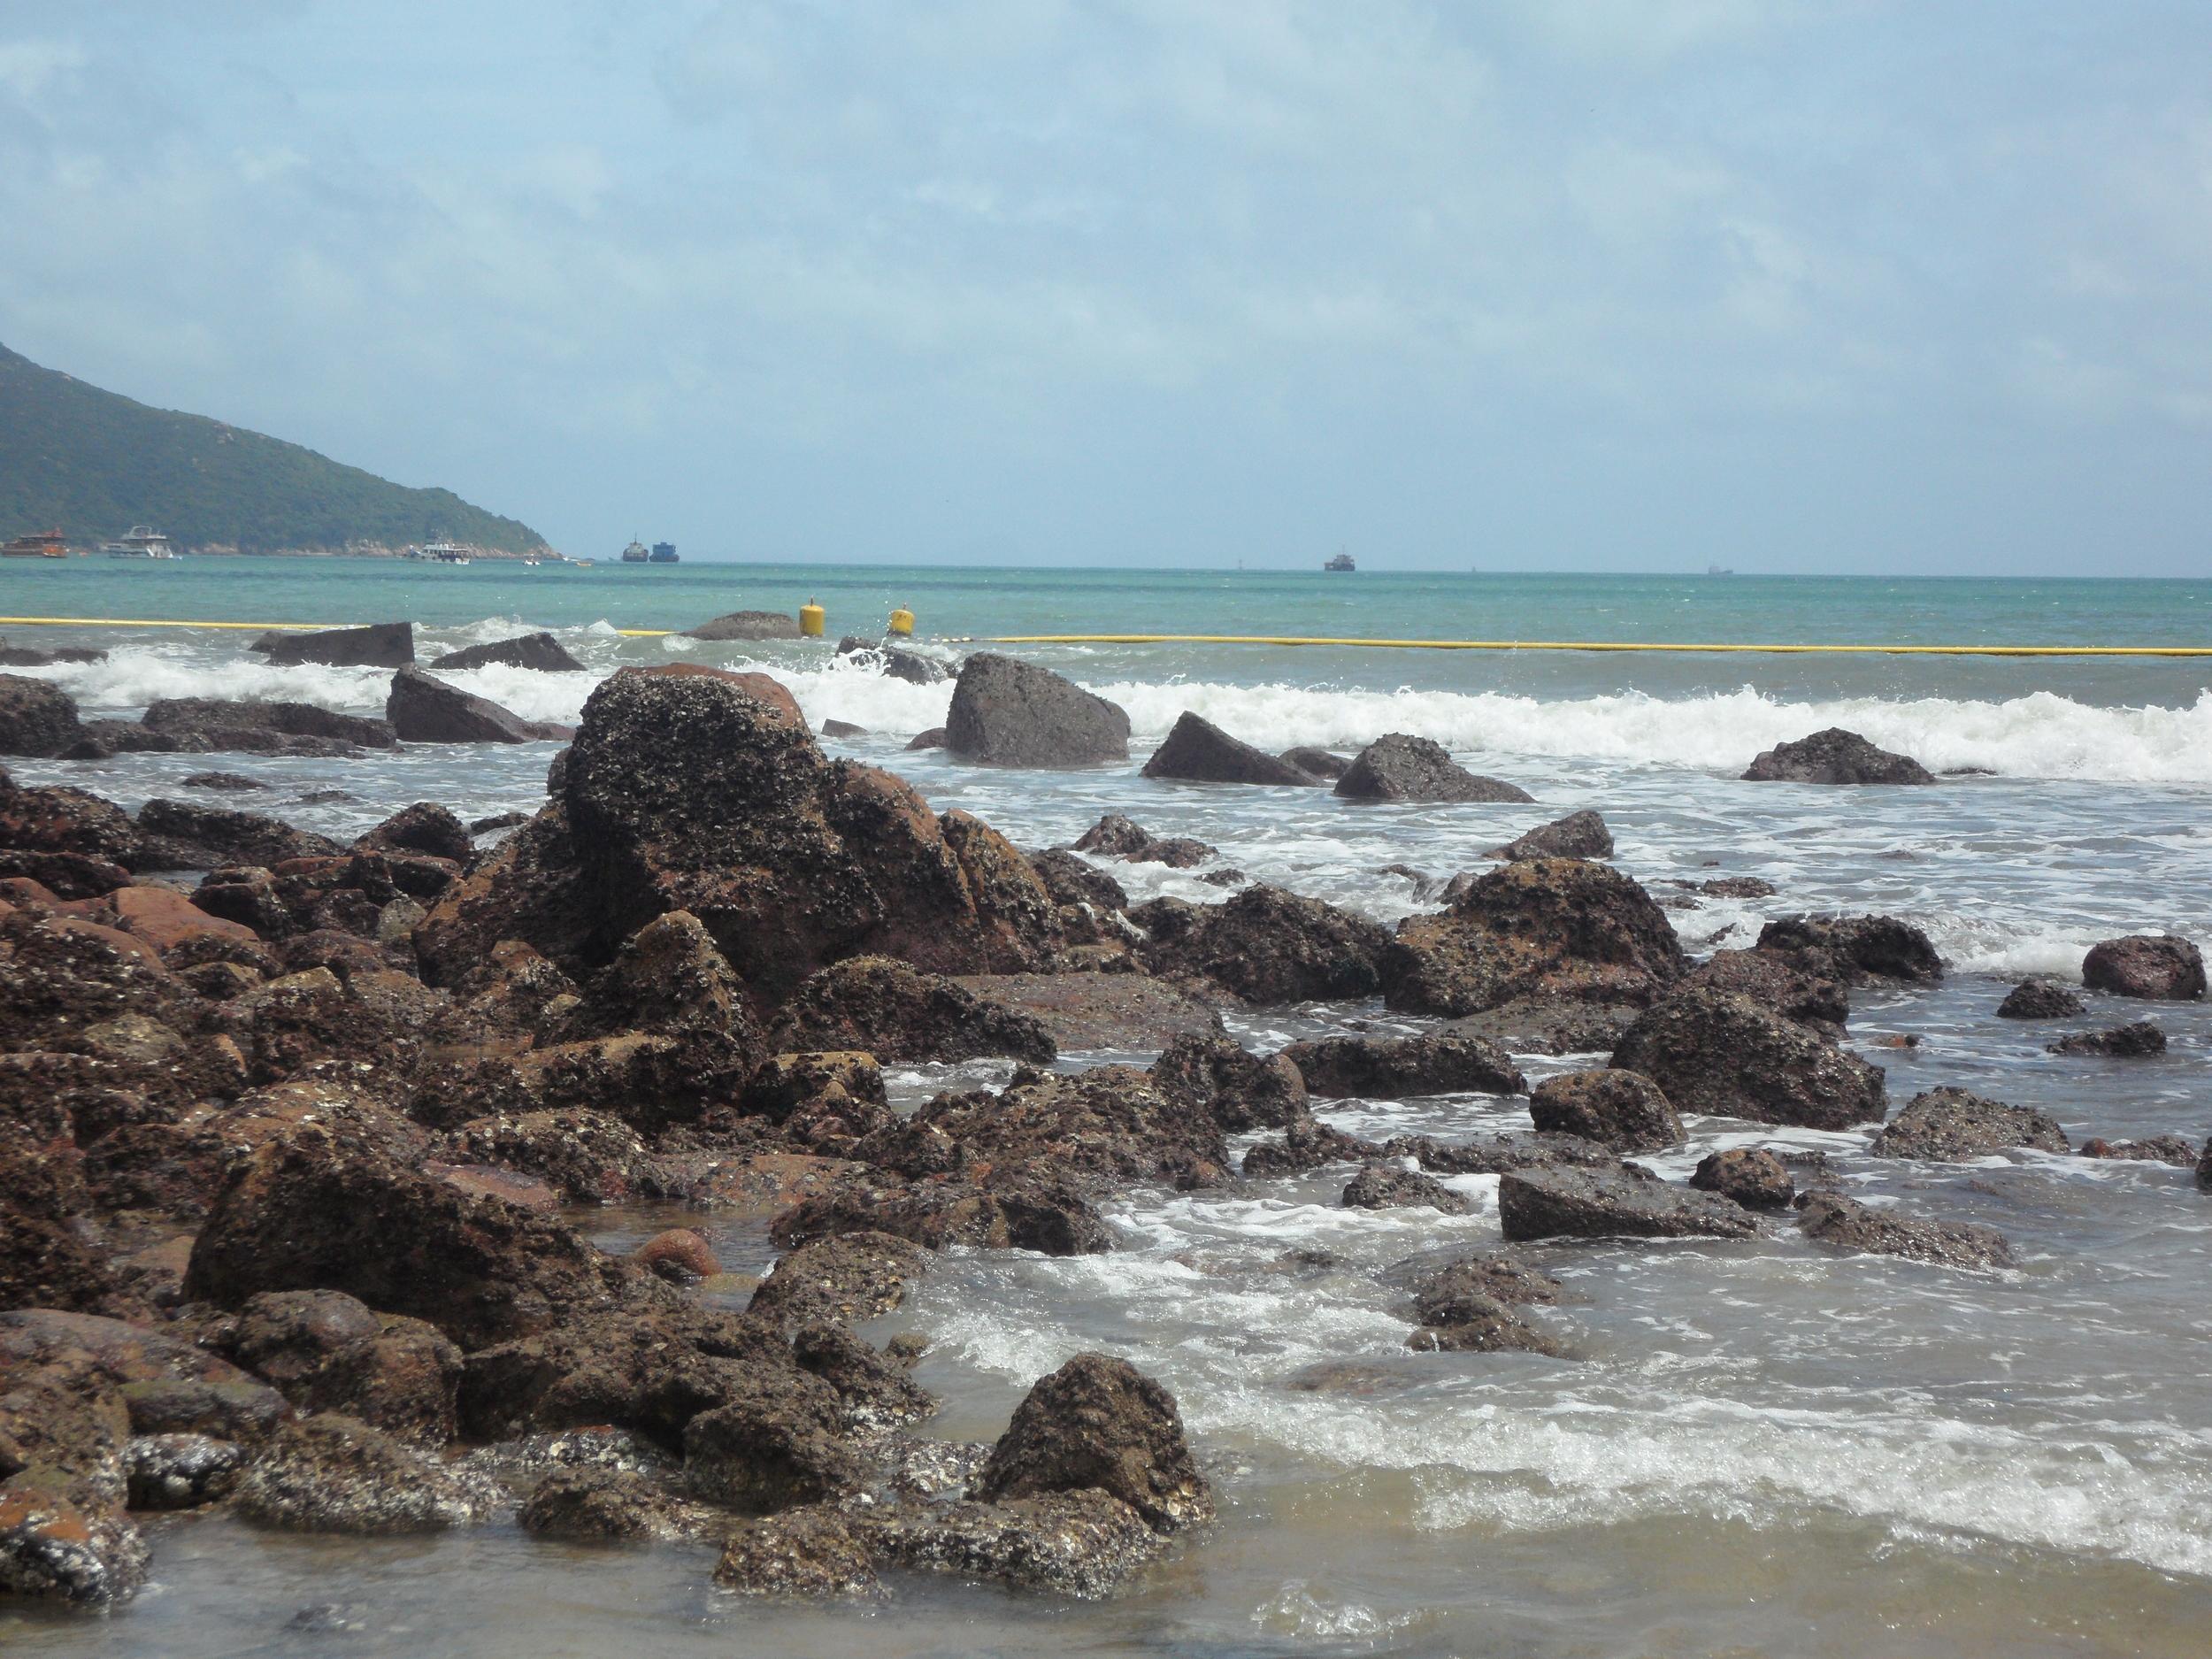 Beach on Lamma Island